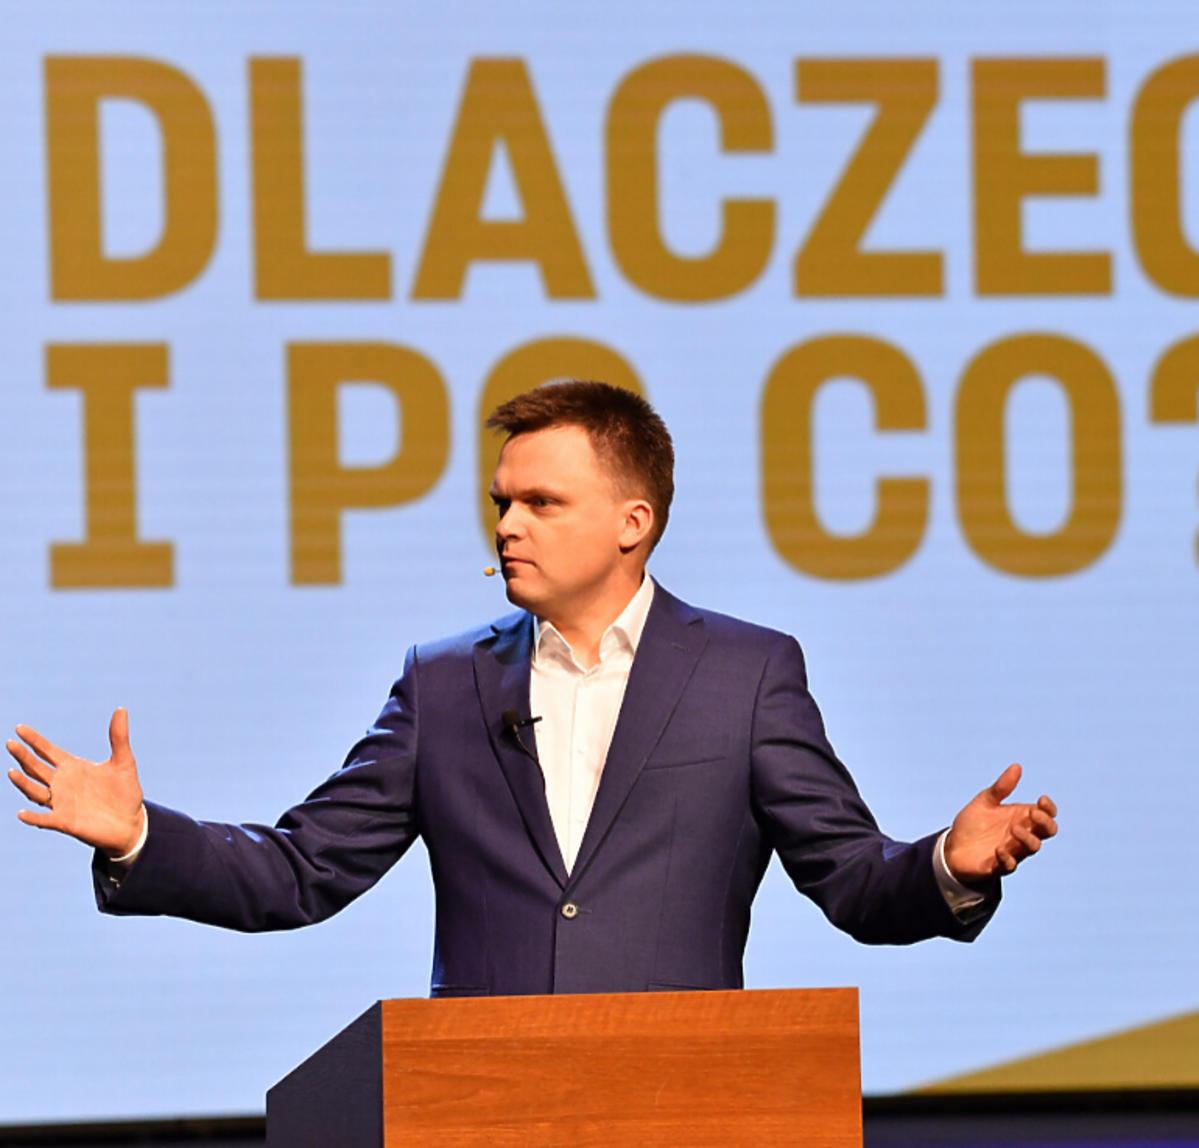 Szymon Hołownia startuje w wyborach na prezydenta